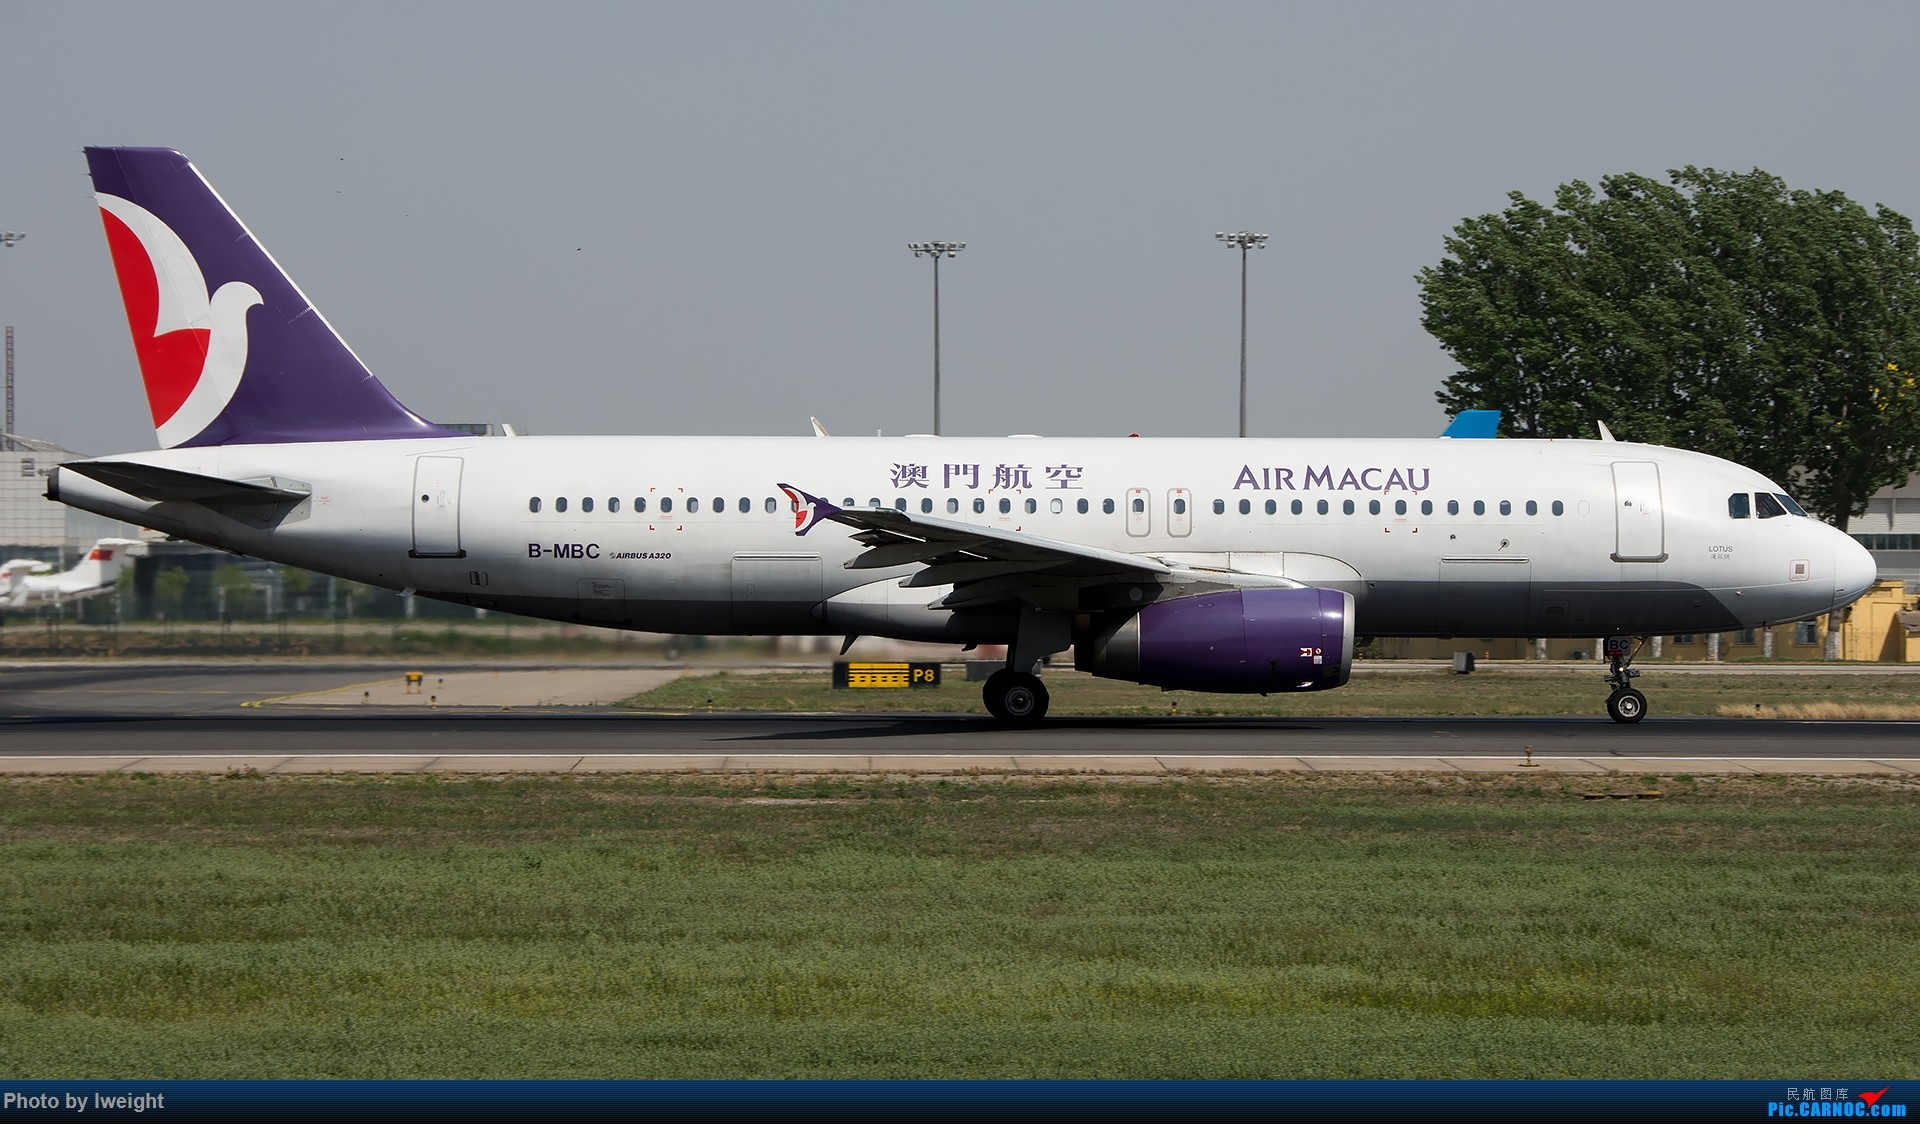 Re:[原创]天气晴朗,继续守候18R【多图】 AIRBUS A320-200 B-MBC 中国北京首都国际机场